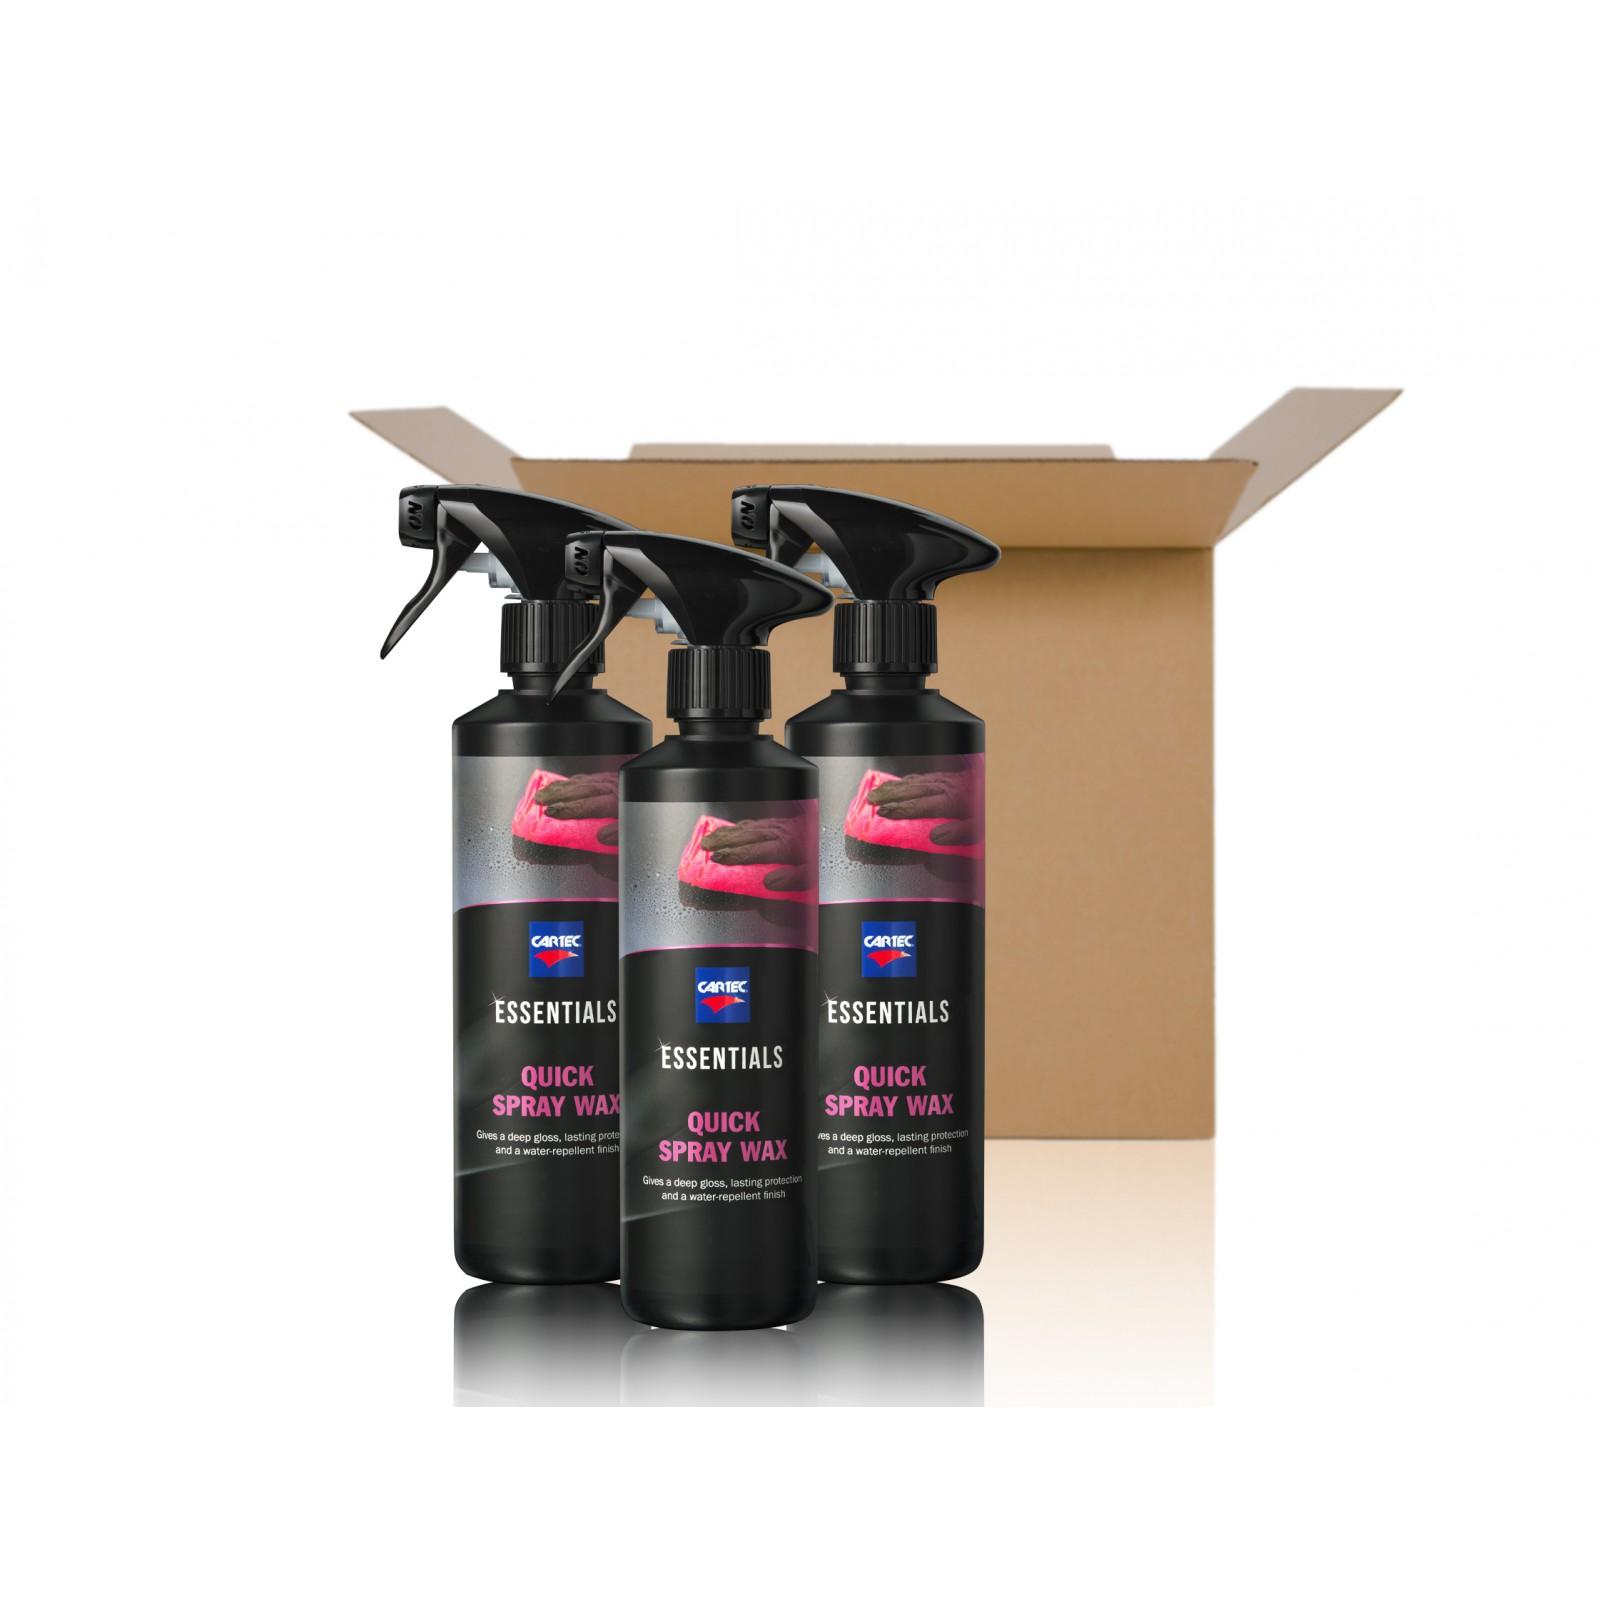 Essentials Quick Spray Wax